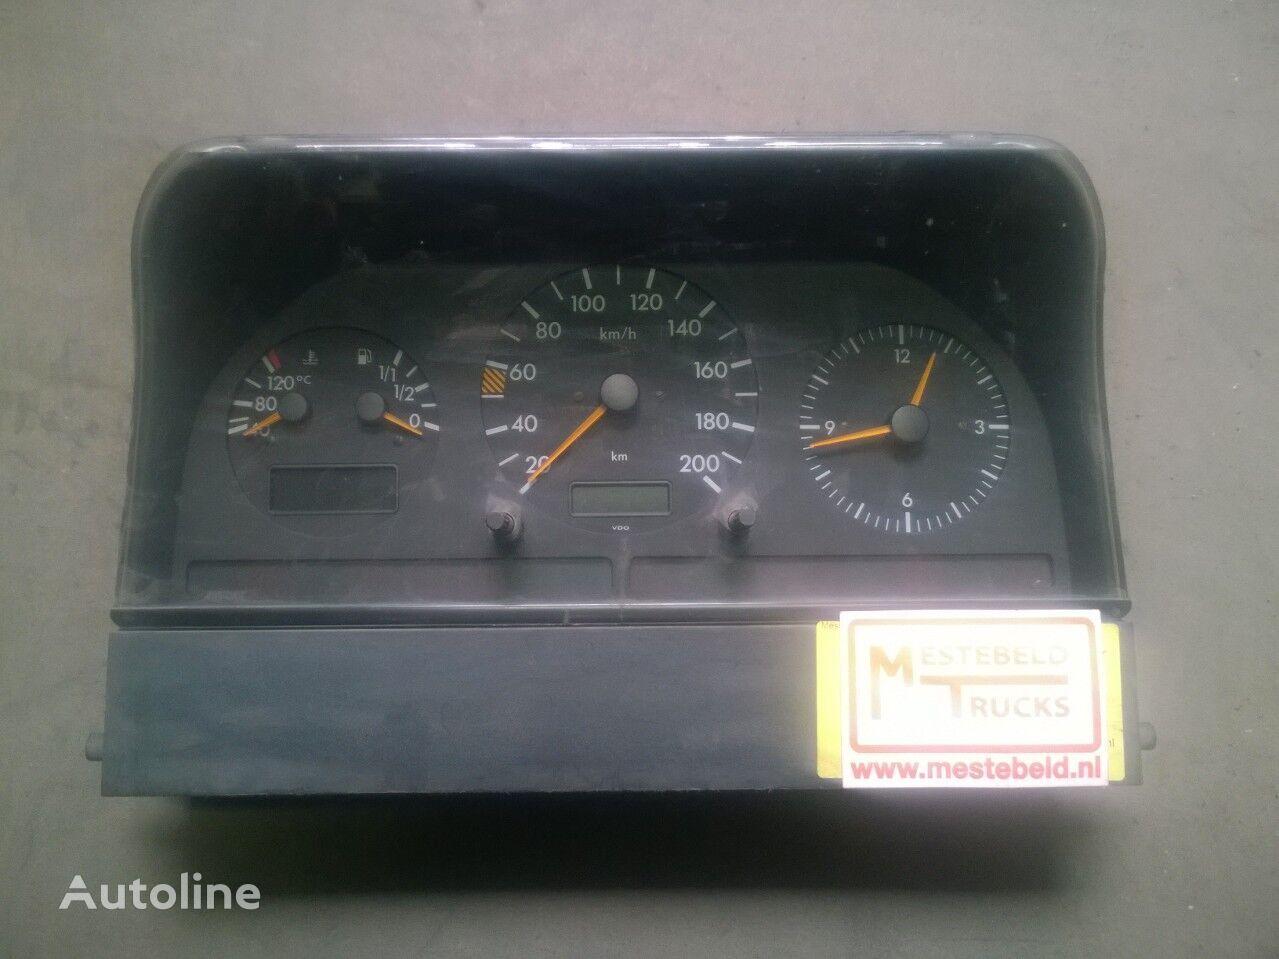 MERCEDES-BENZ Instrumentenpaneel rādītāju panelis paredzēts MERCEDES-BENZ Instrumentenpaneel Sprinter 312 automobiļa